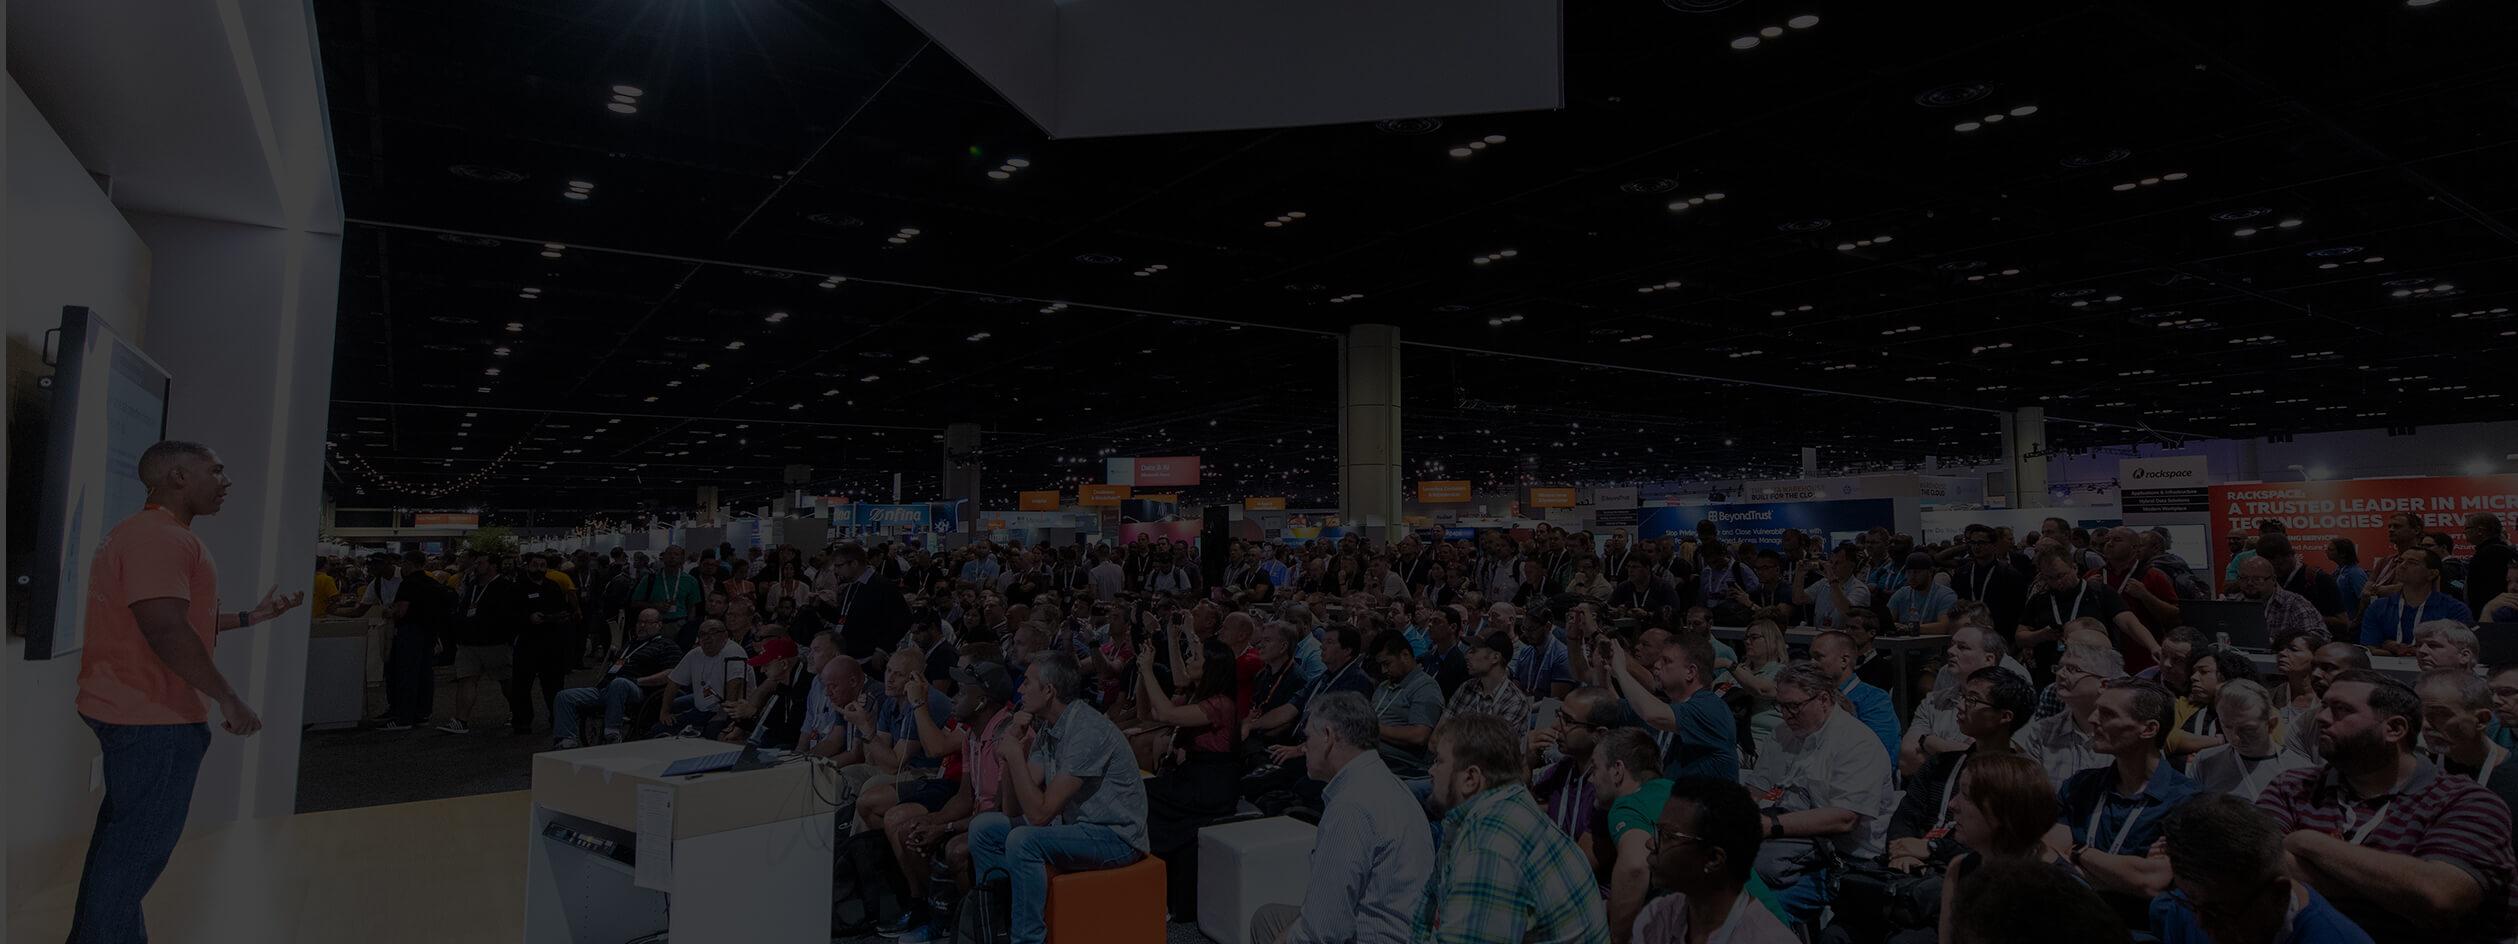 Events | Microsoft Dynamics 365